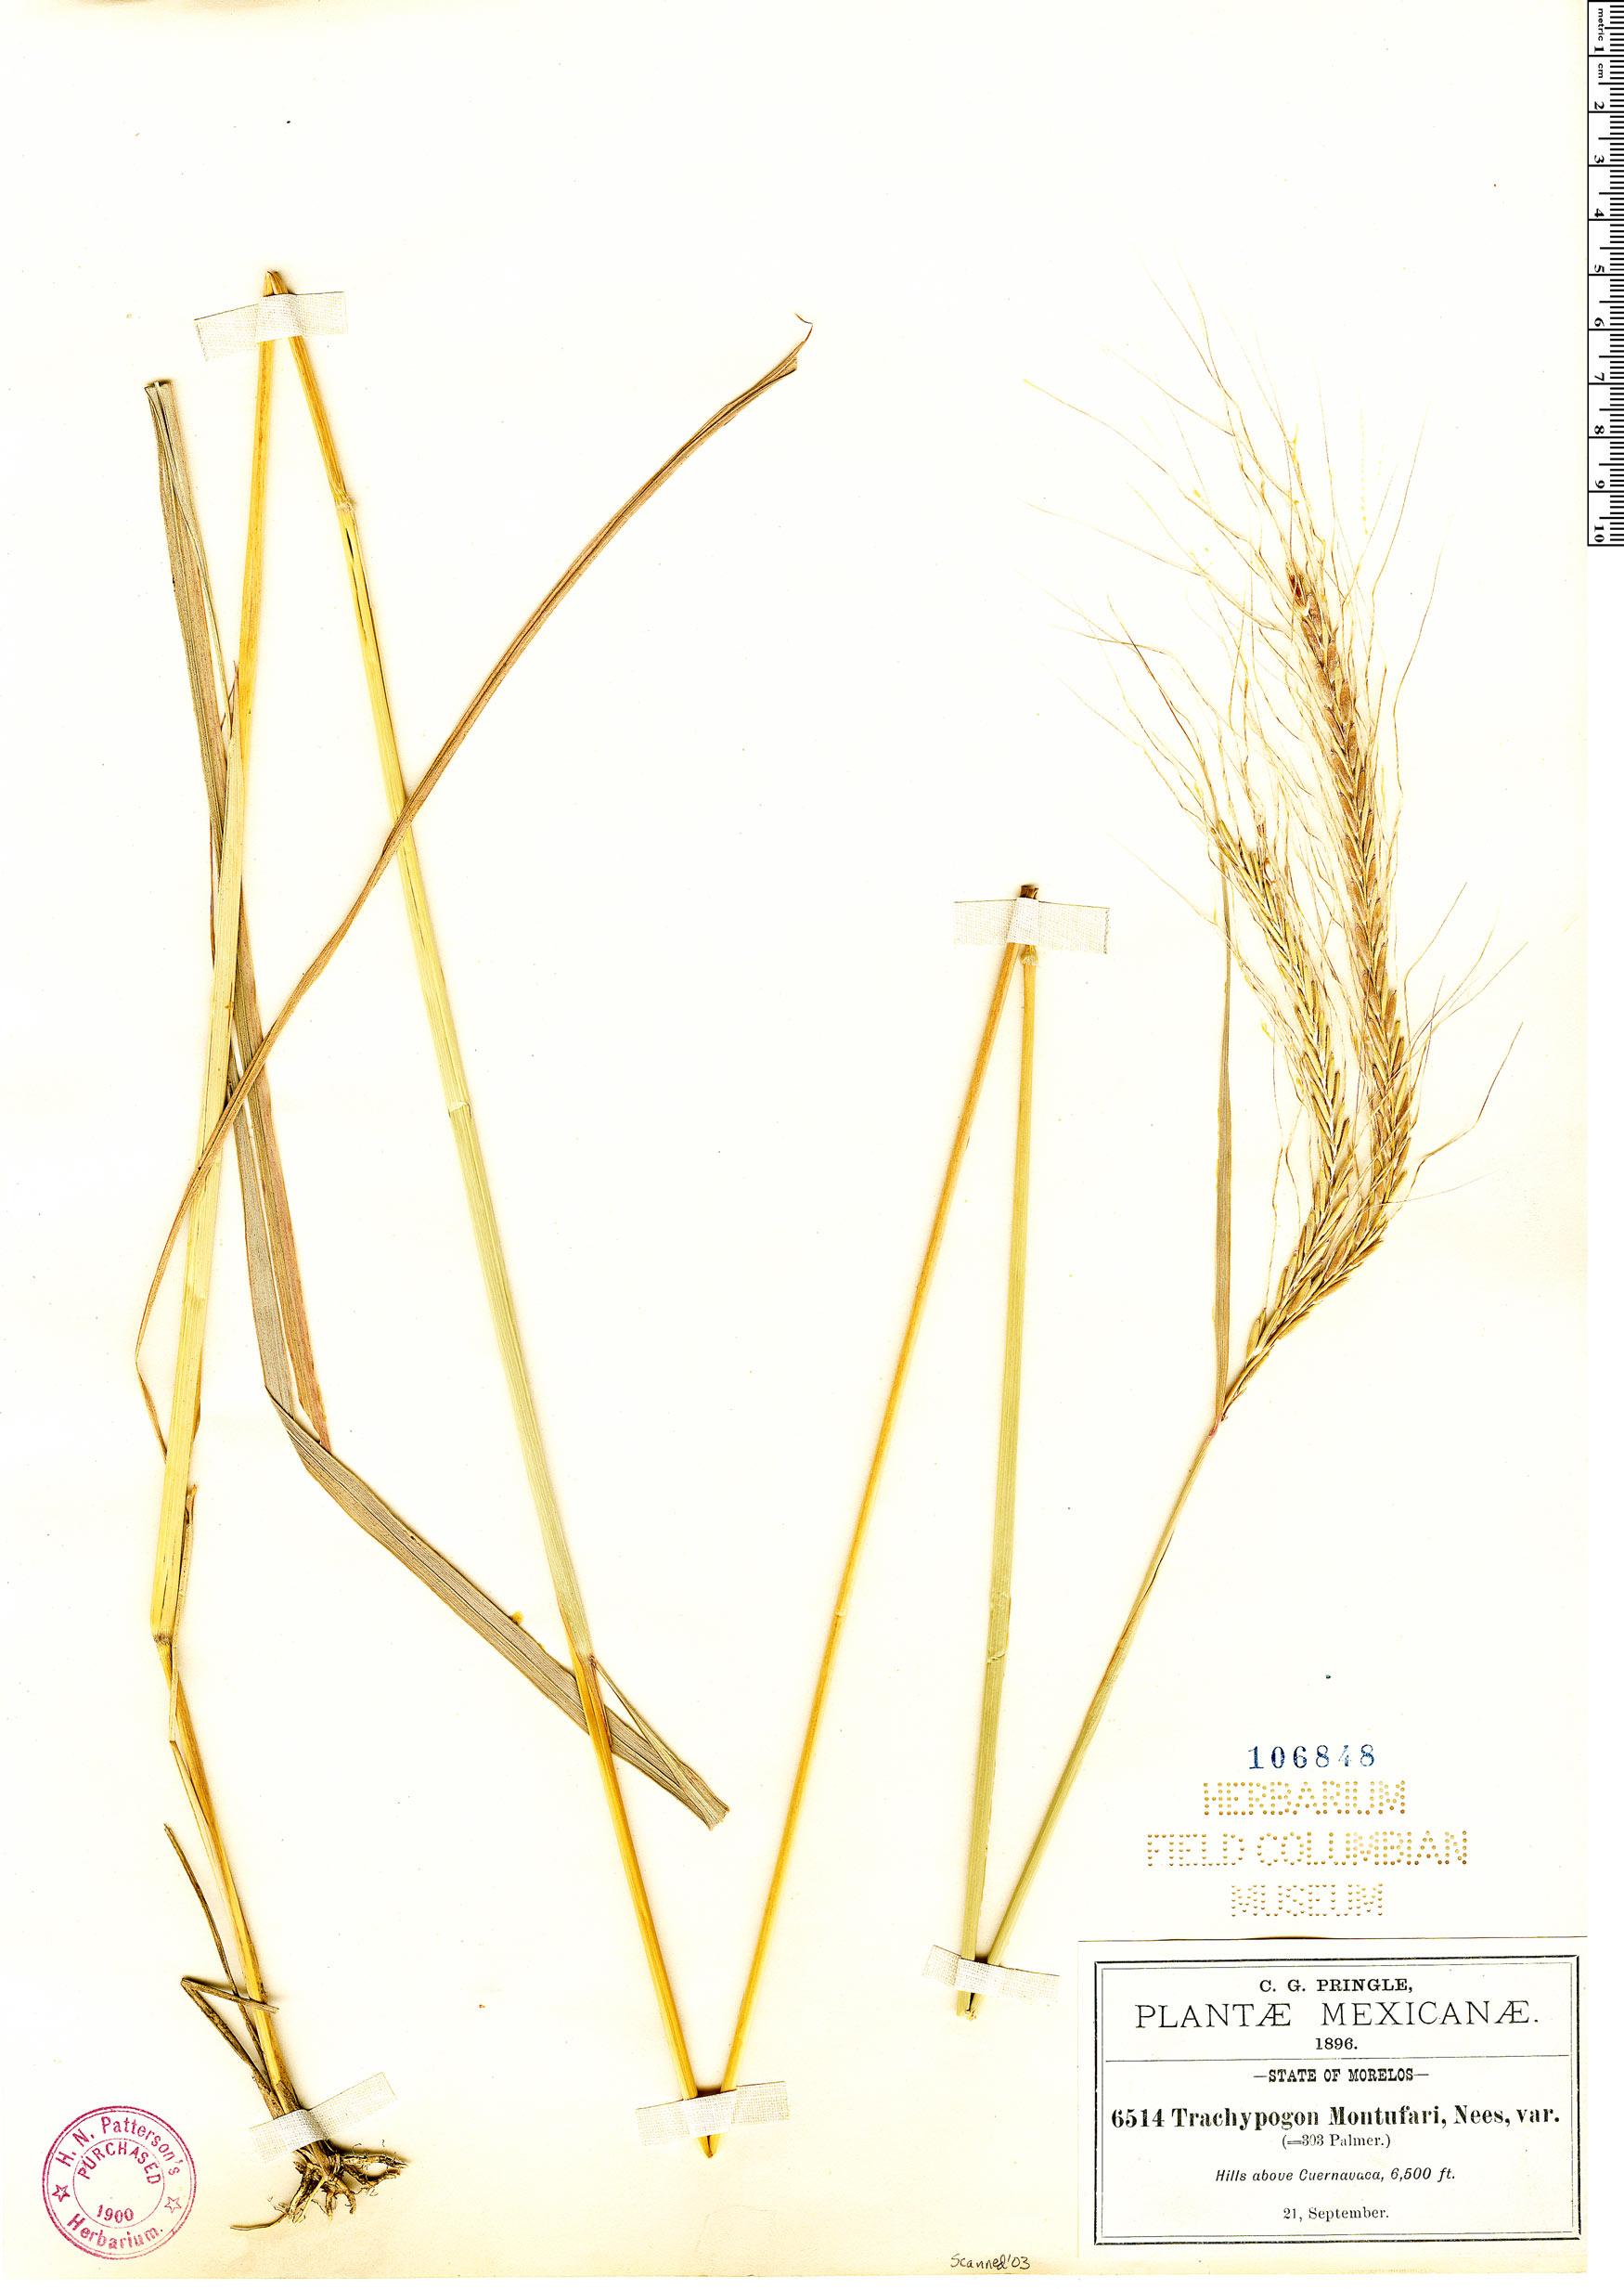 Specimen: Trachypogon spicatus